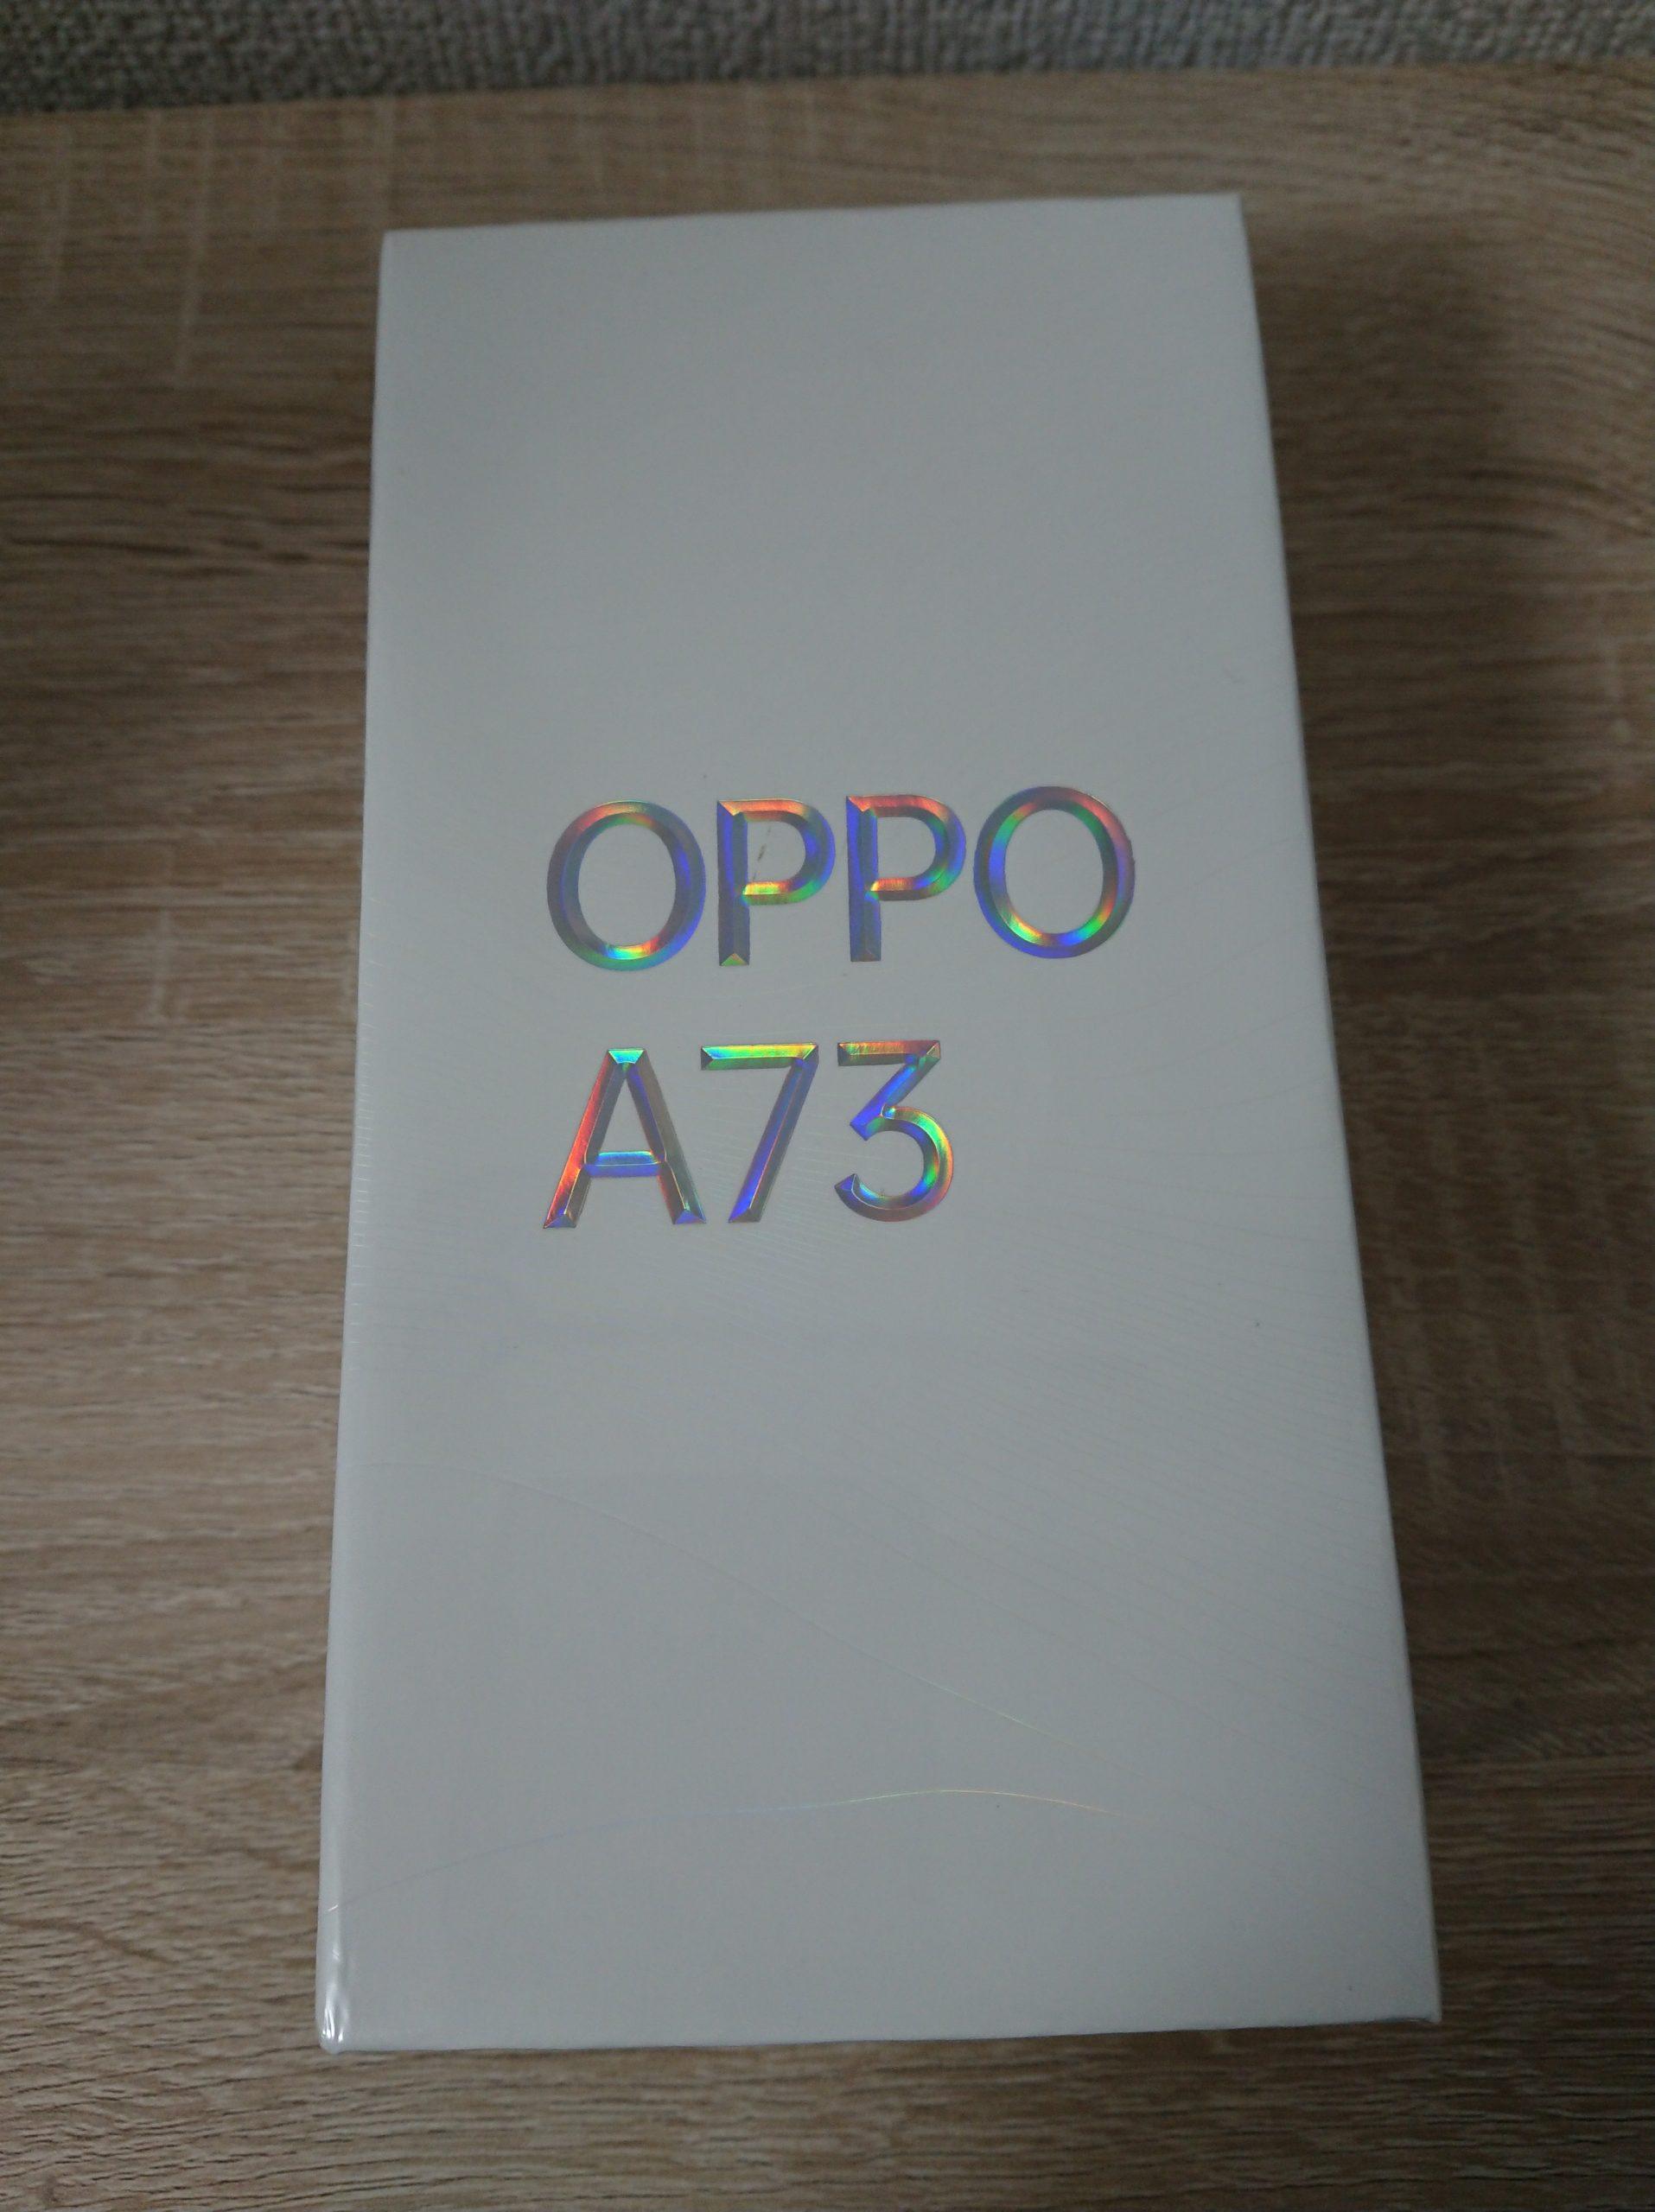 OPPO A73レビュー